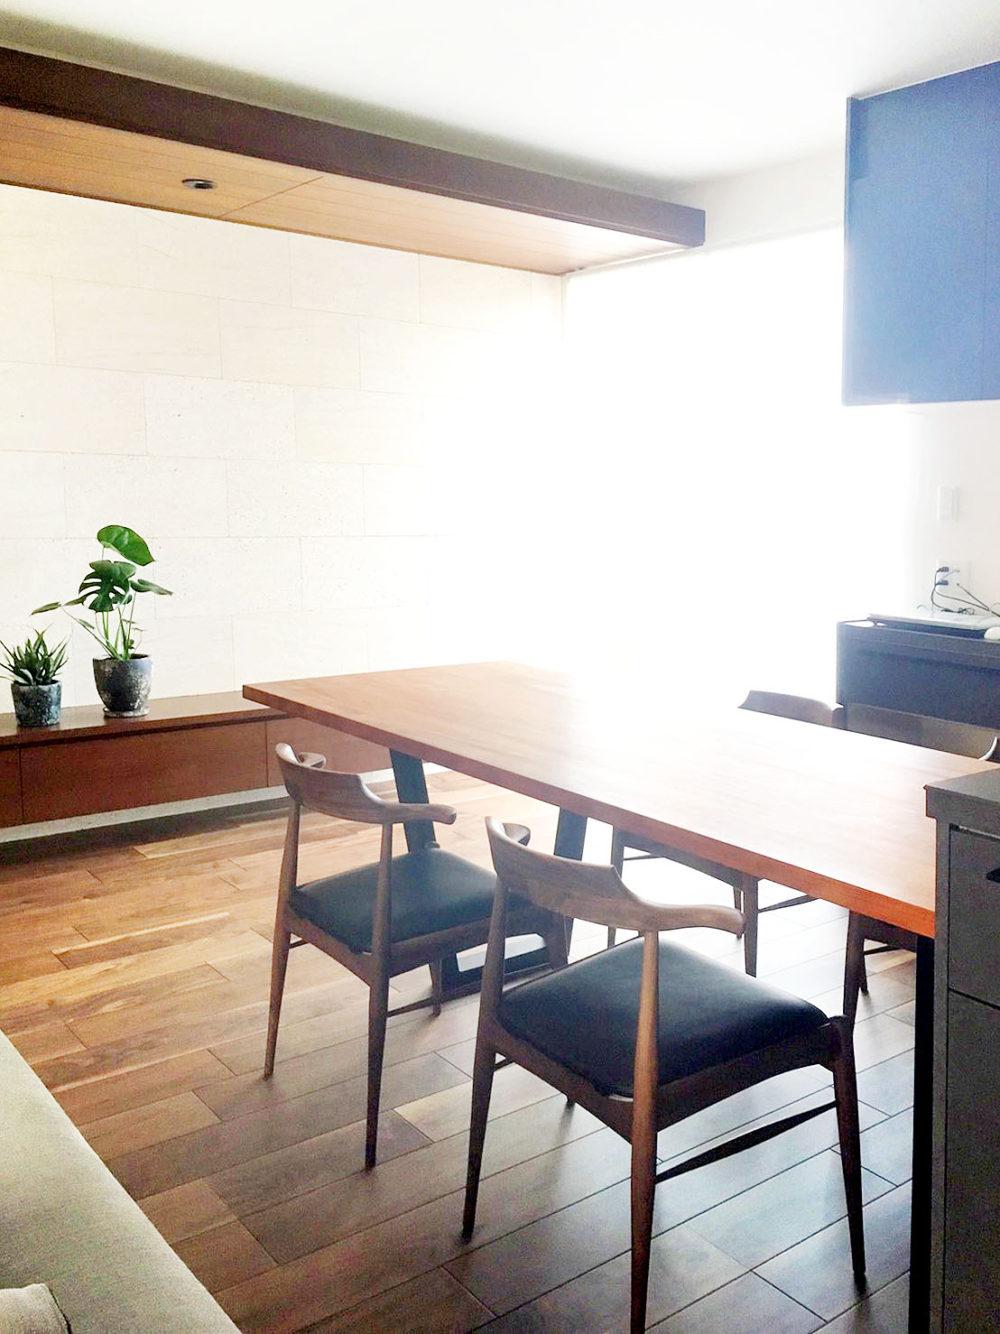 マホガニーテーブルと椅子